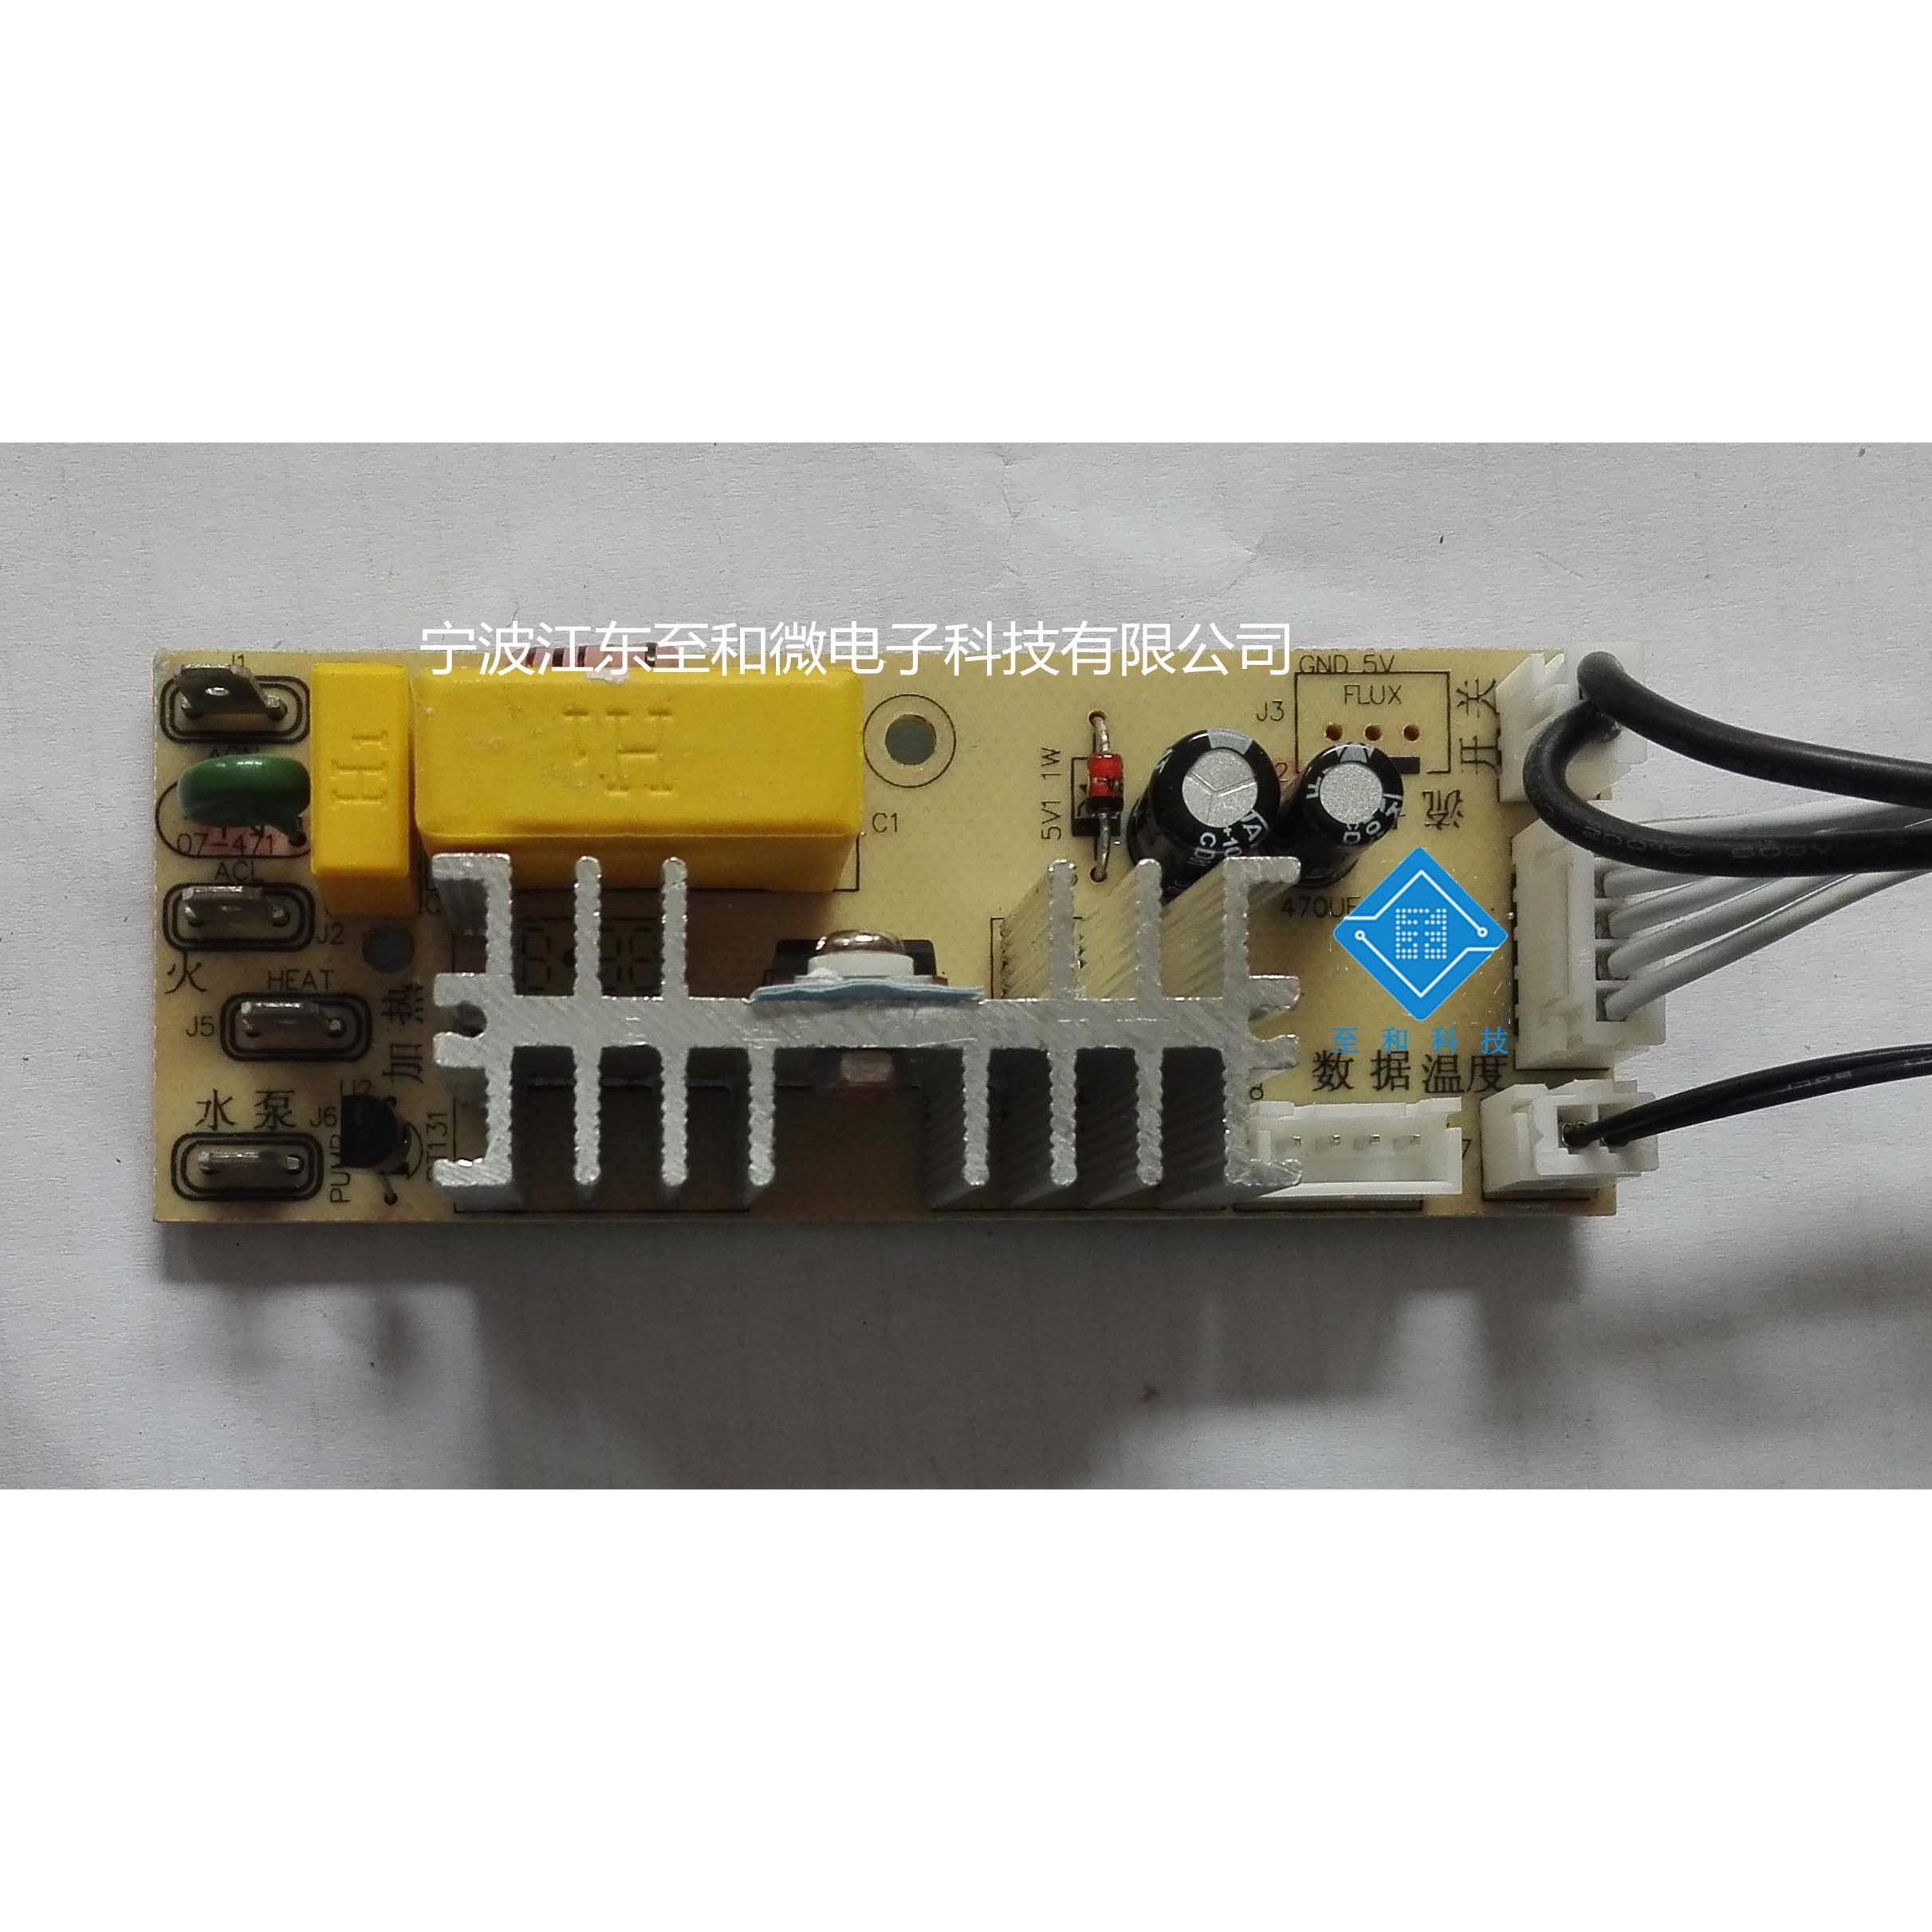 多功能胶囊咖啡机控制电路板线路板微电脑板pcba-通过